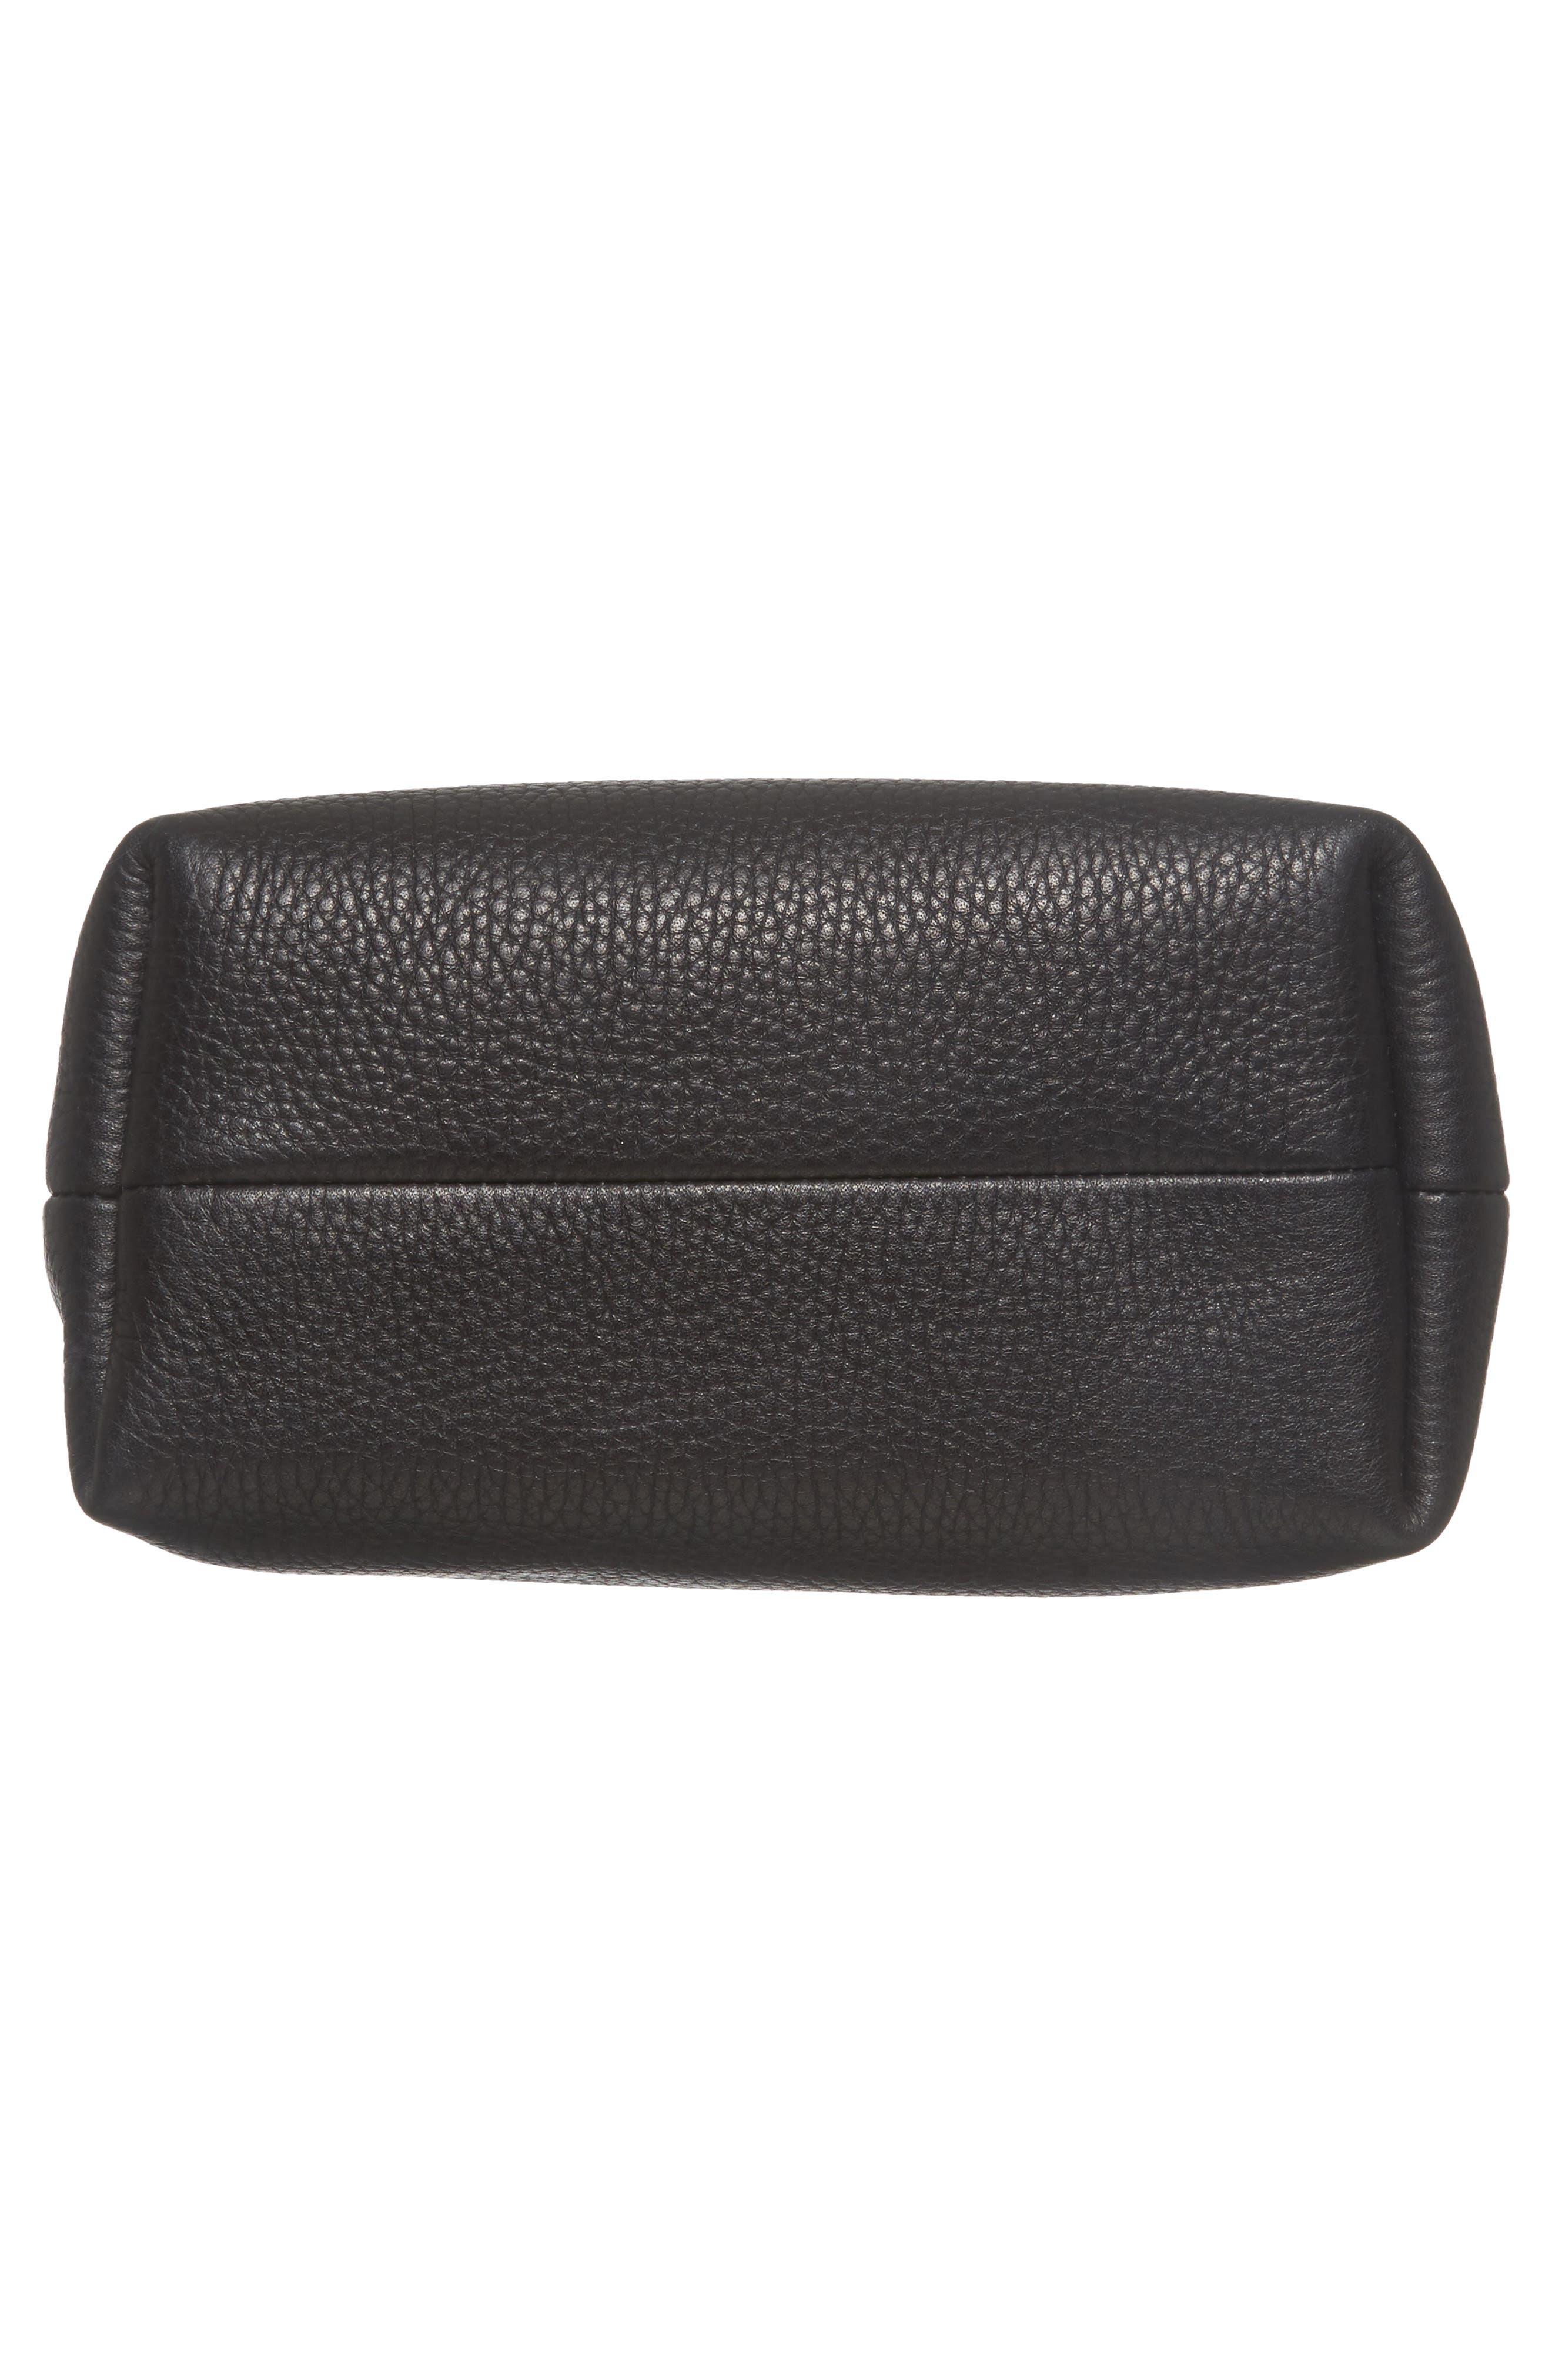 Mini Pebbled Leather Drawstring Crossbody Bag,                             Alternate thumbnail 6, color,                             001